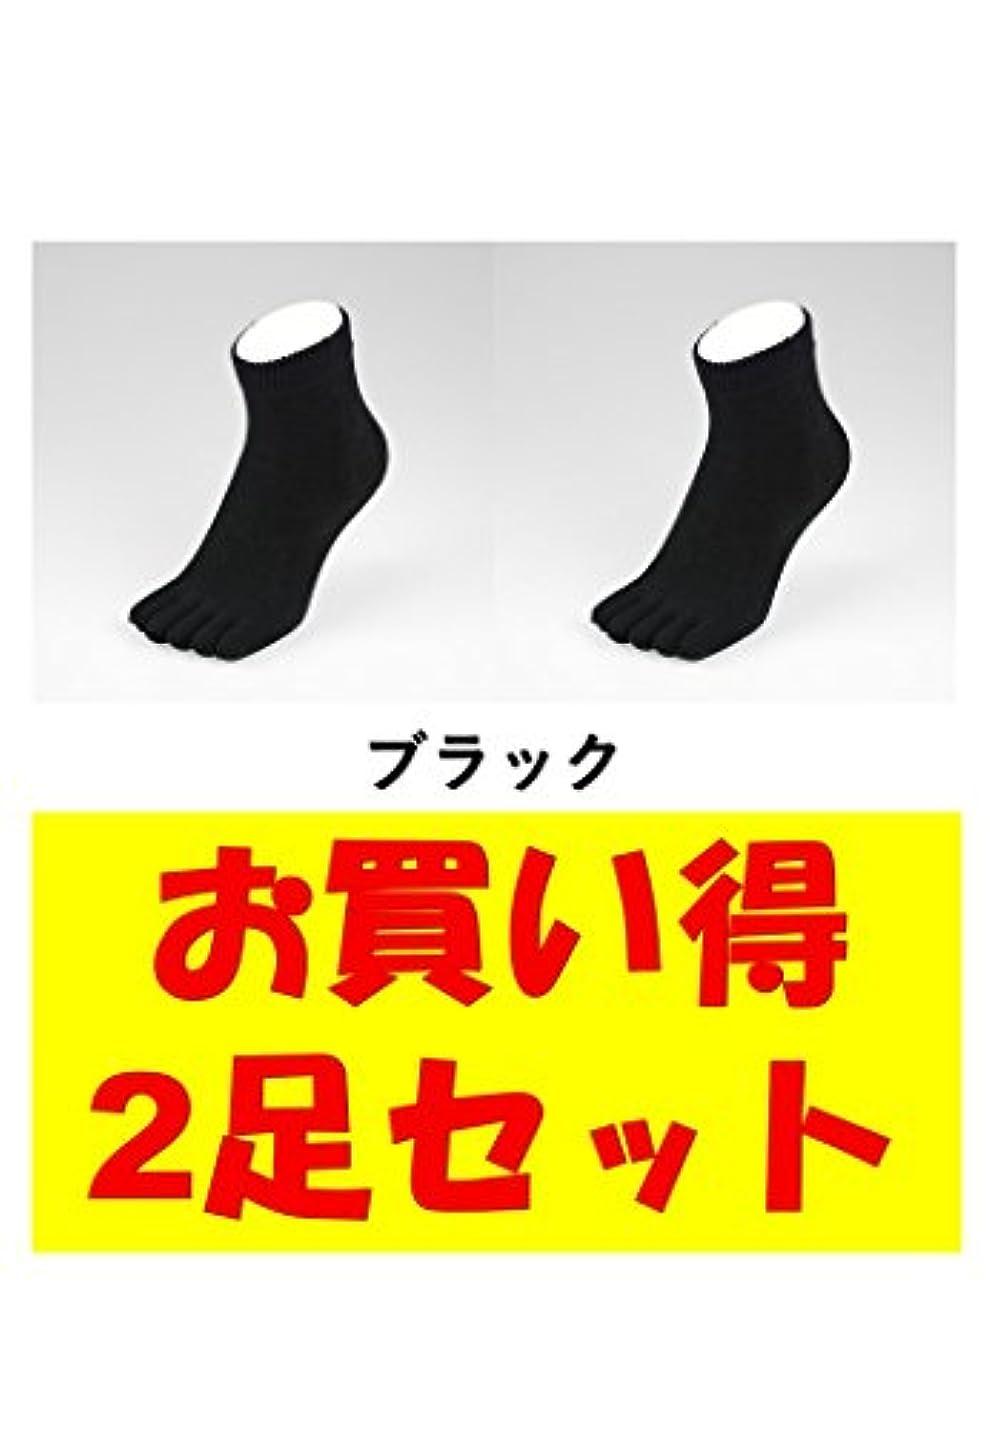 ロビー雹コンソールお買い得2足セット 5本指 ゆびのばソックス Neo EVE(イヴ) ブラック iサイズ(23.5cm - 25.5cm) YSNEVE-BLK